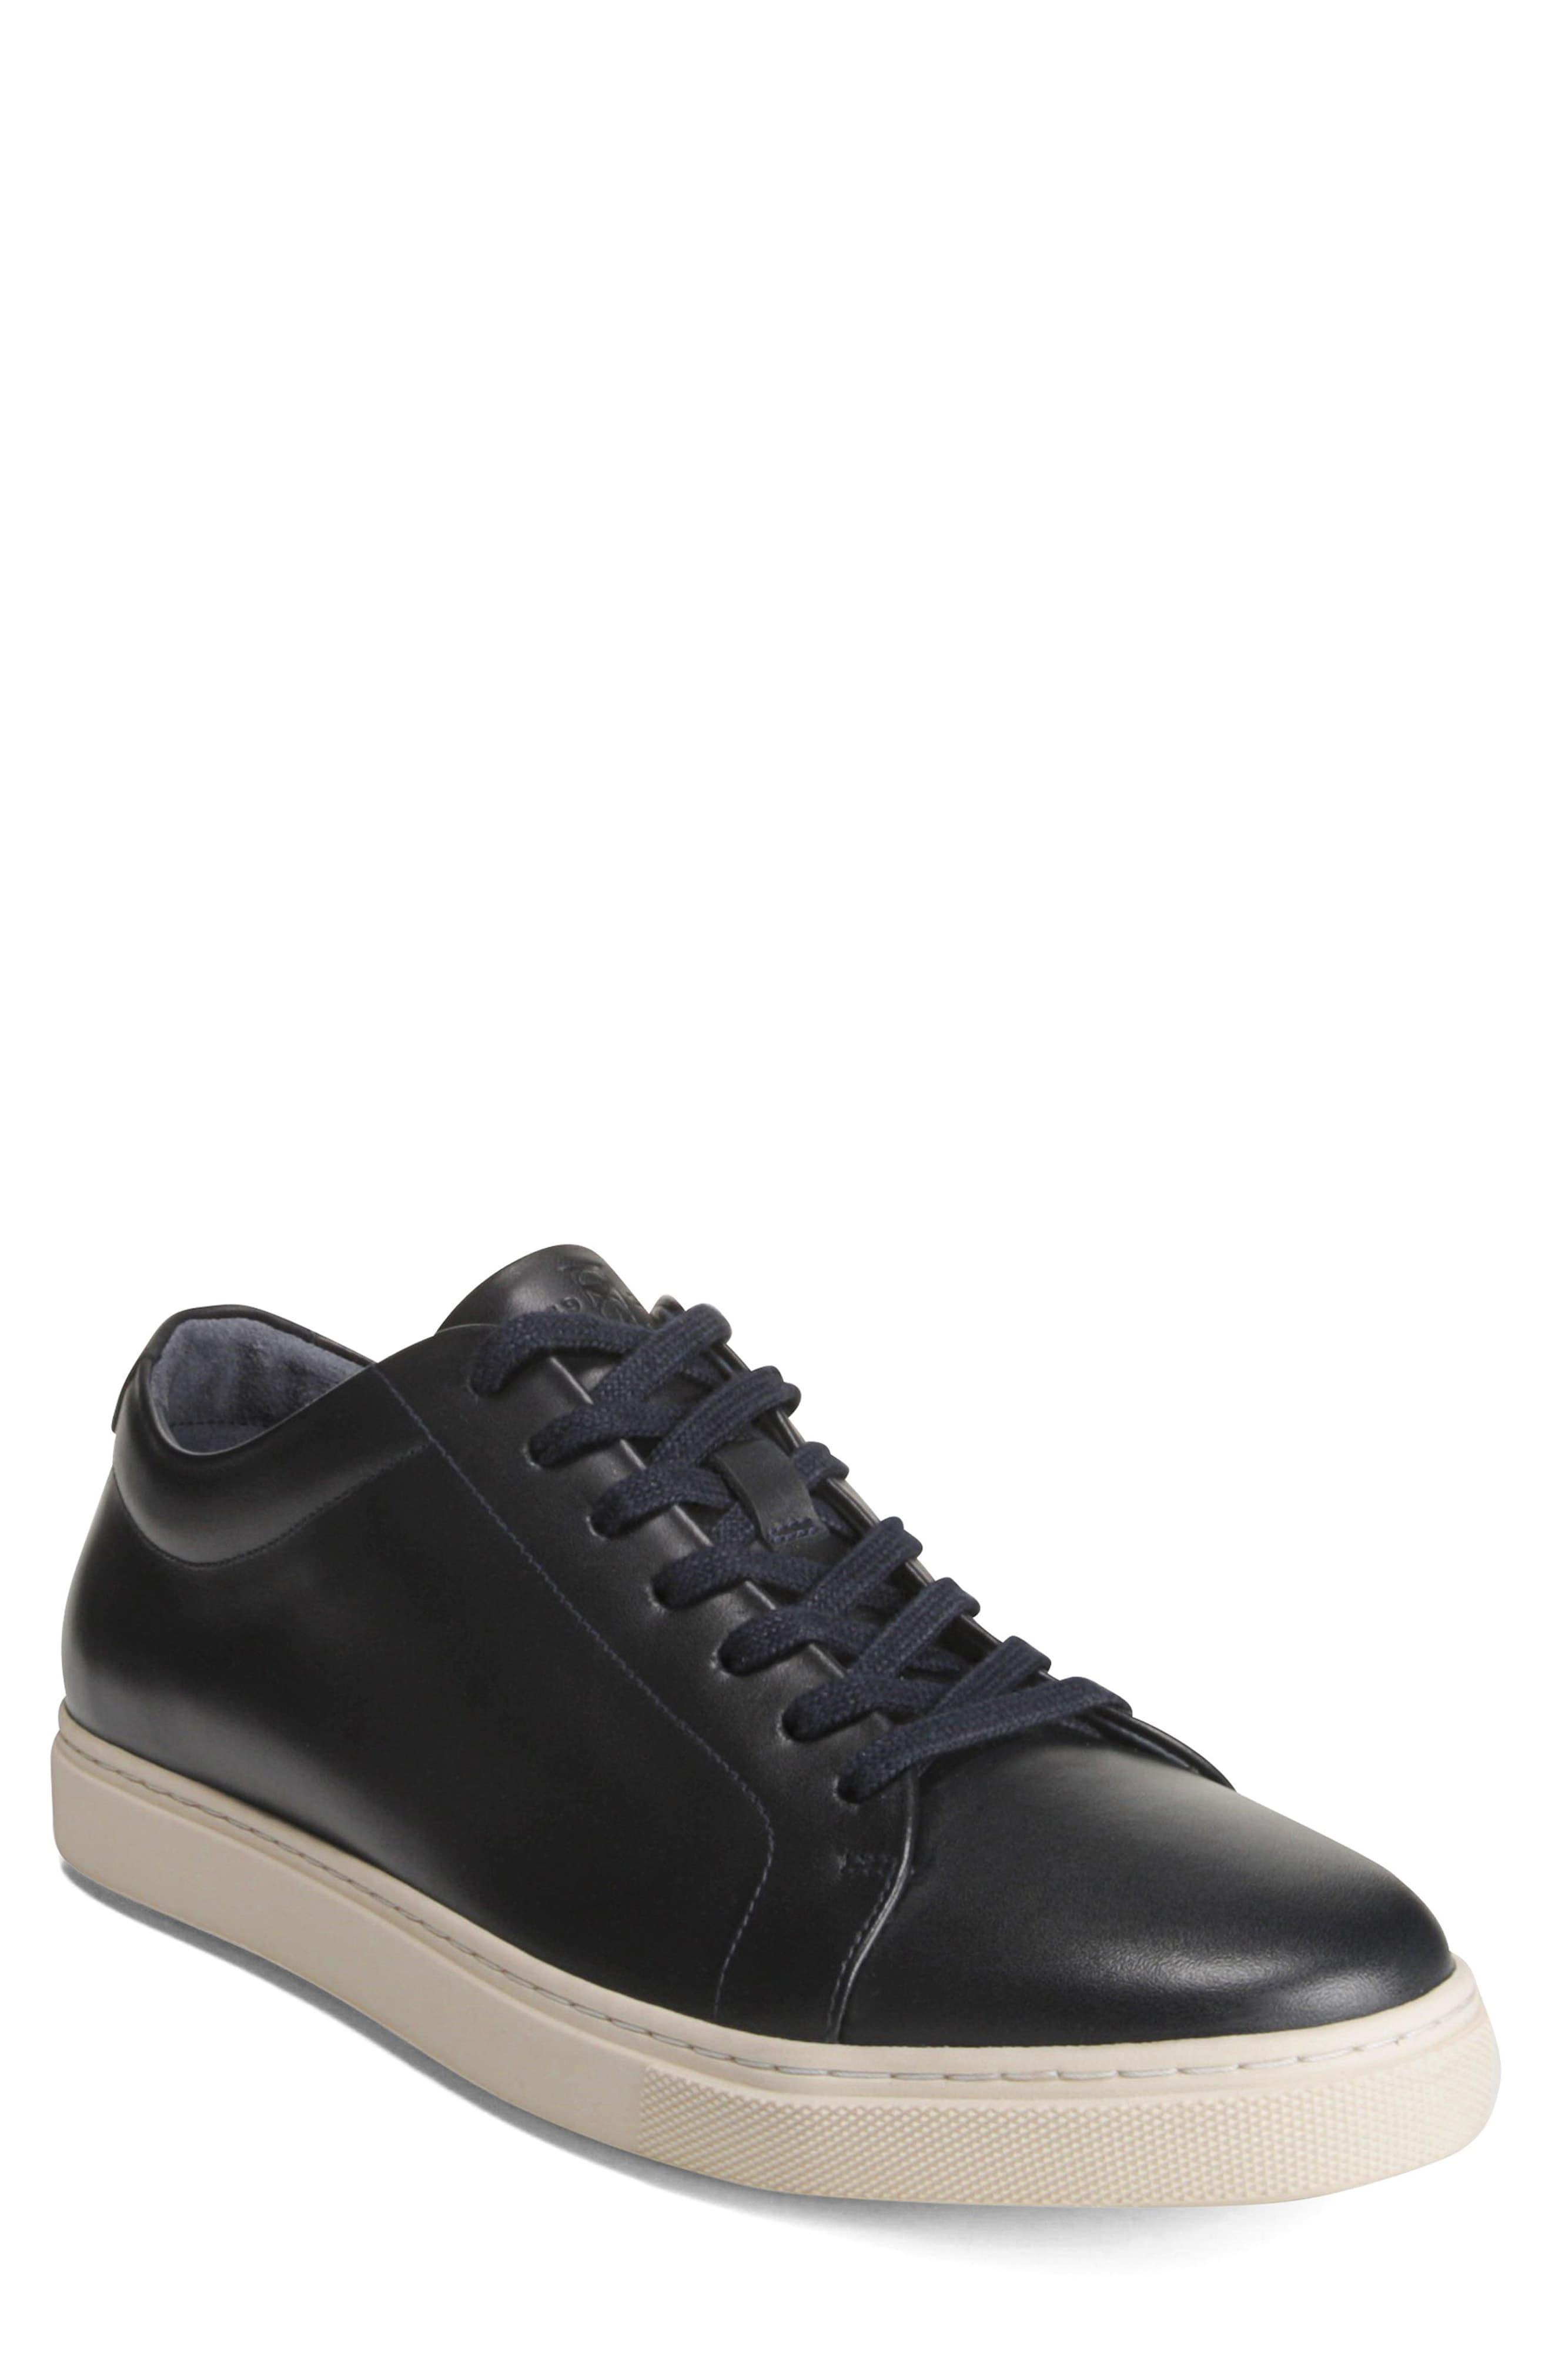 Allen Edmonds Canal Court Sneaker, $225